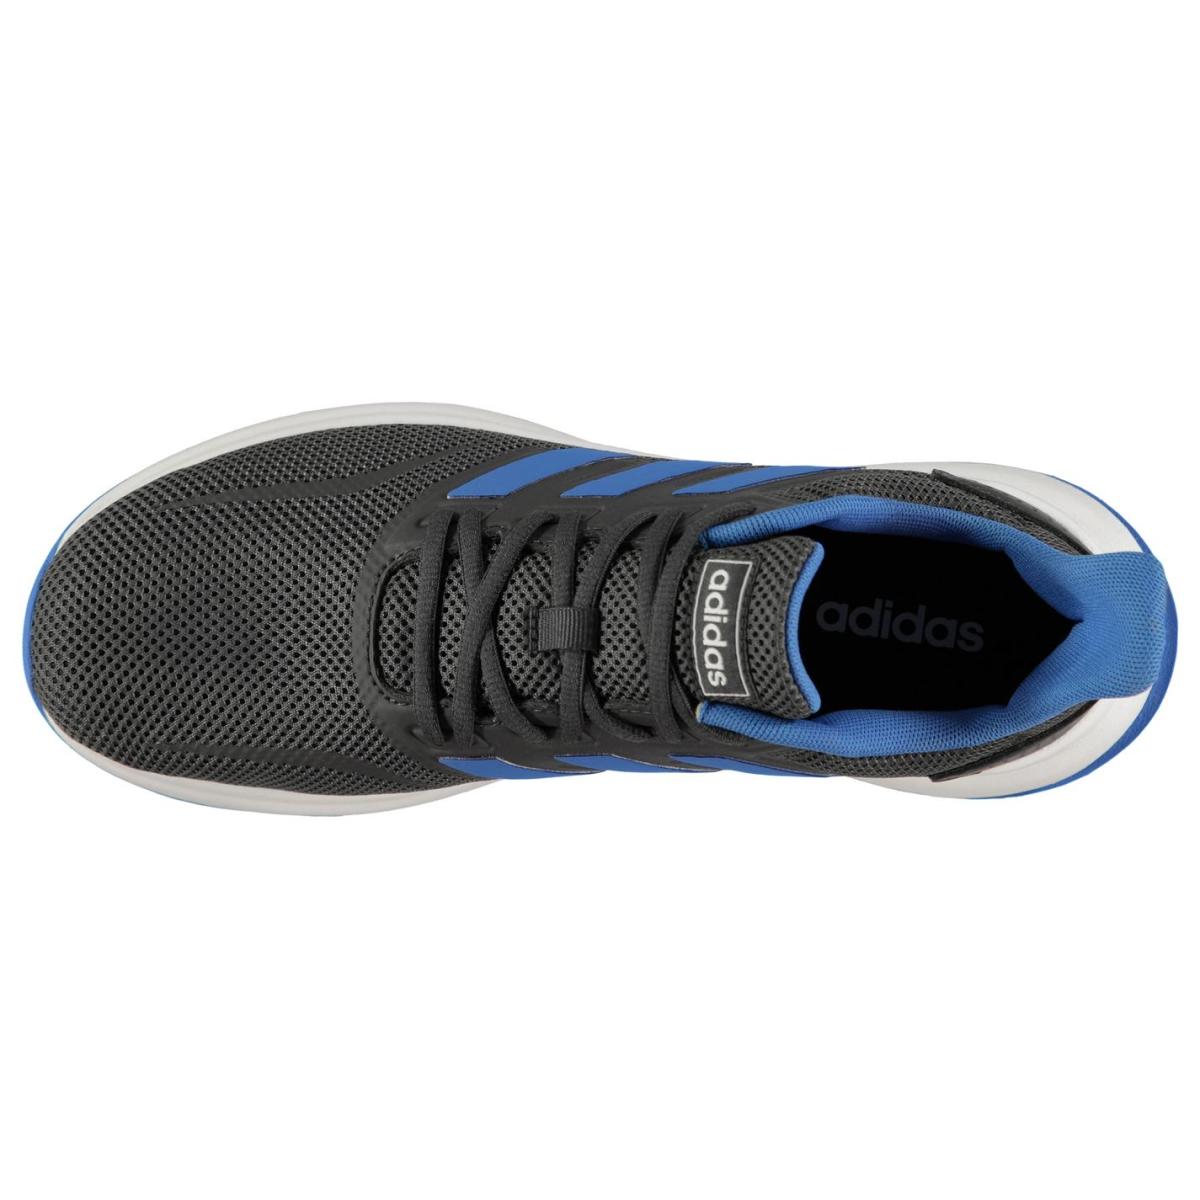 adidas Herren Turnschuhe Falcon DkGrau_Blau_Wht